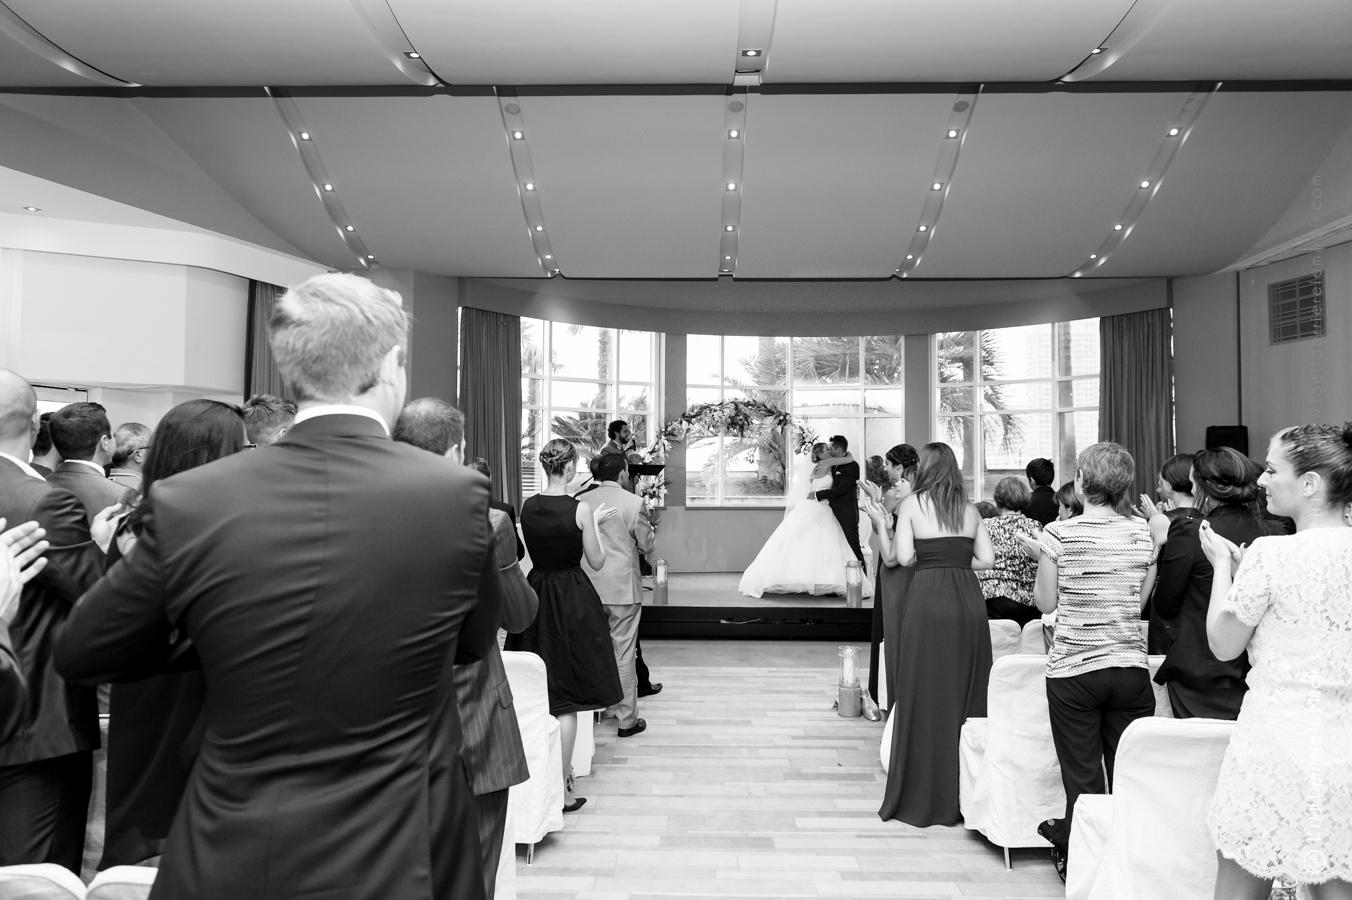 Photographe-mariage-monaco-loeilderrierelemiroir-058